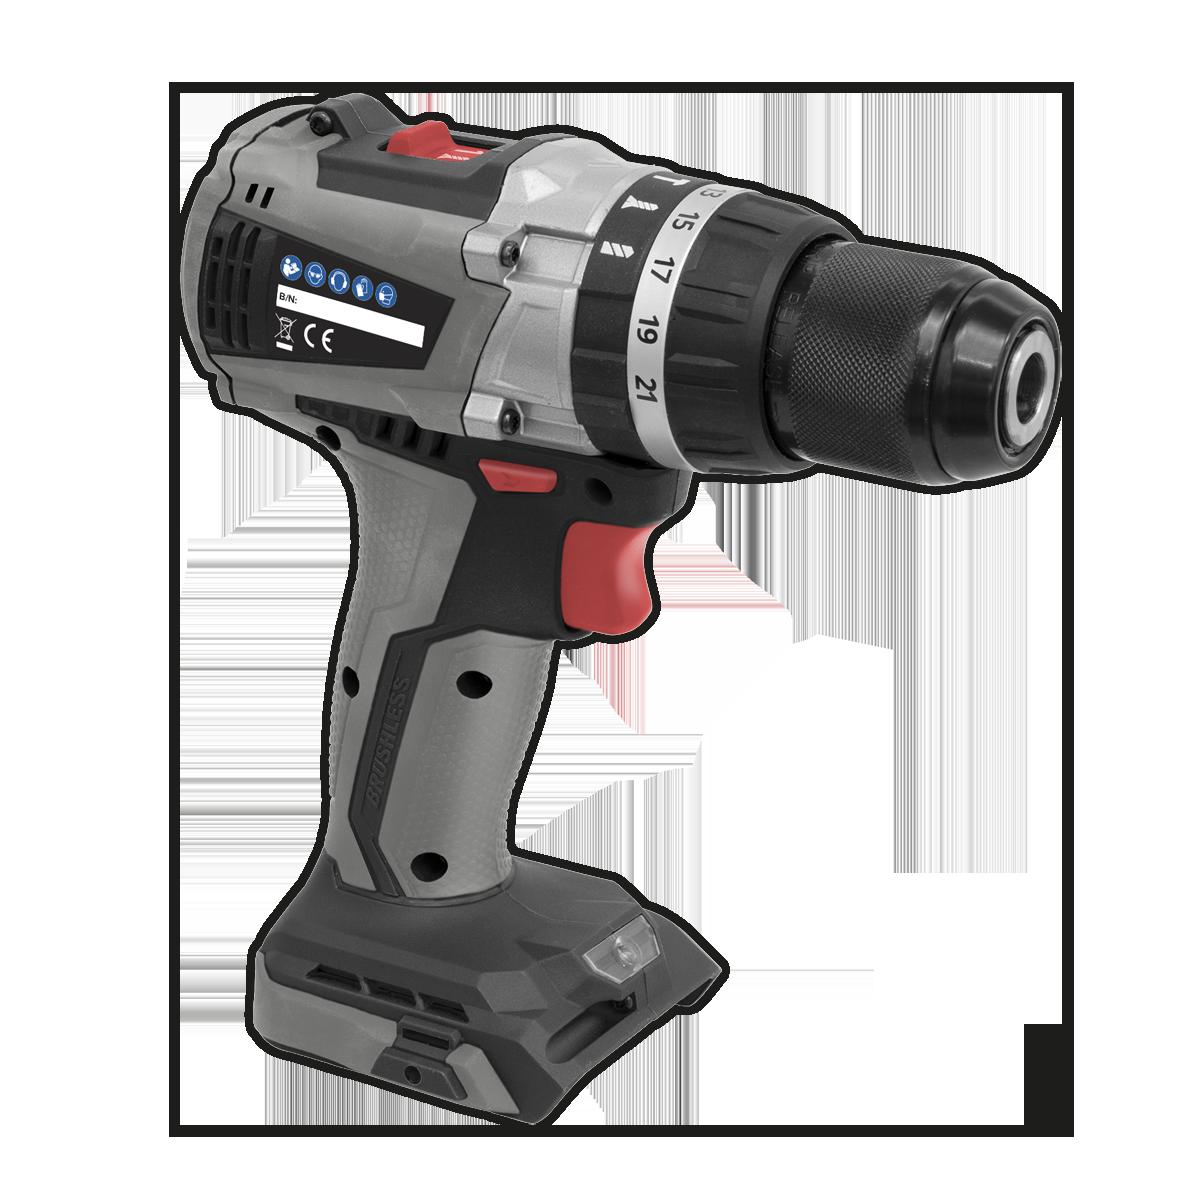 Brushless Hammer Drill/Driver Ø13mm 20V - Body Only